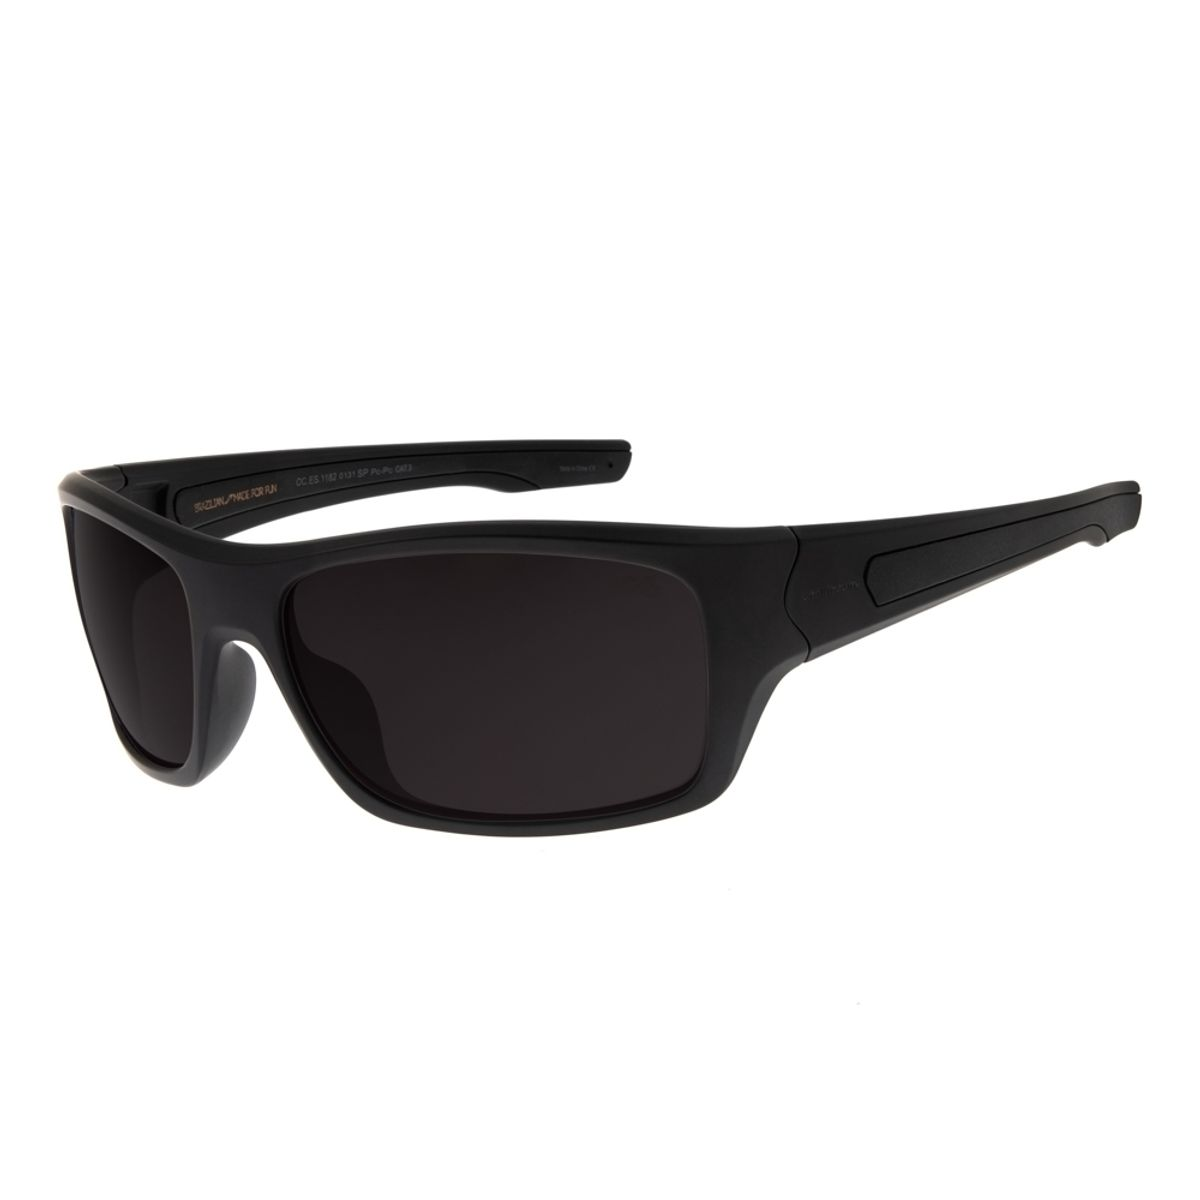 84b4d551e Óculos de Sol Masculino Chilli Beans Esportivo Preto Fosco - Chilli ...